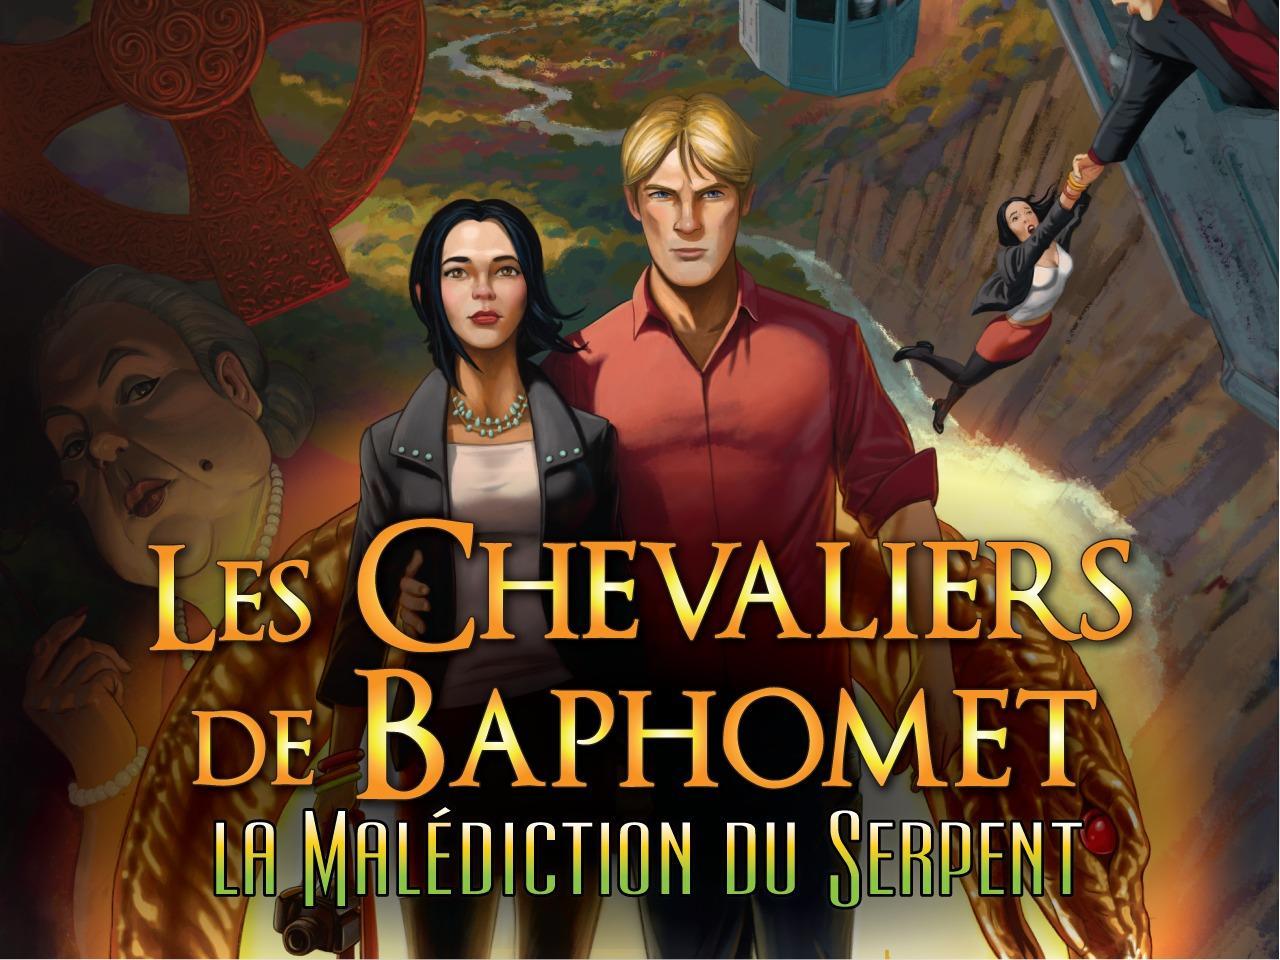 Les Chevaliers de Baphomet 5 - La Malédiction du Serpent Épisode 1 sur iOS